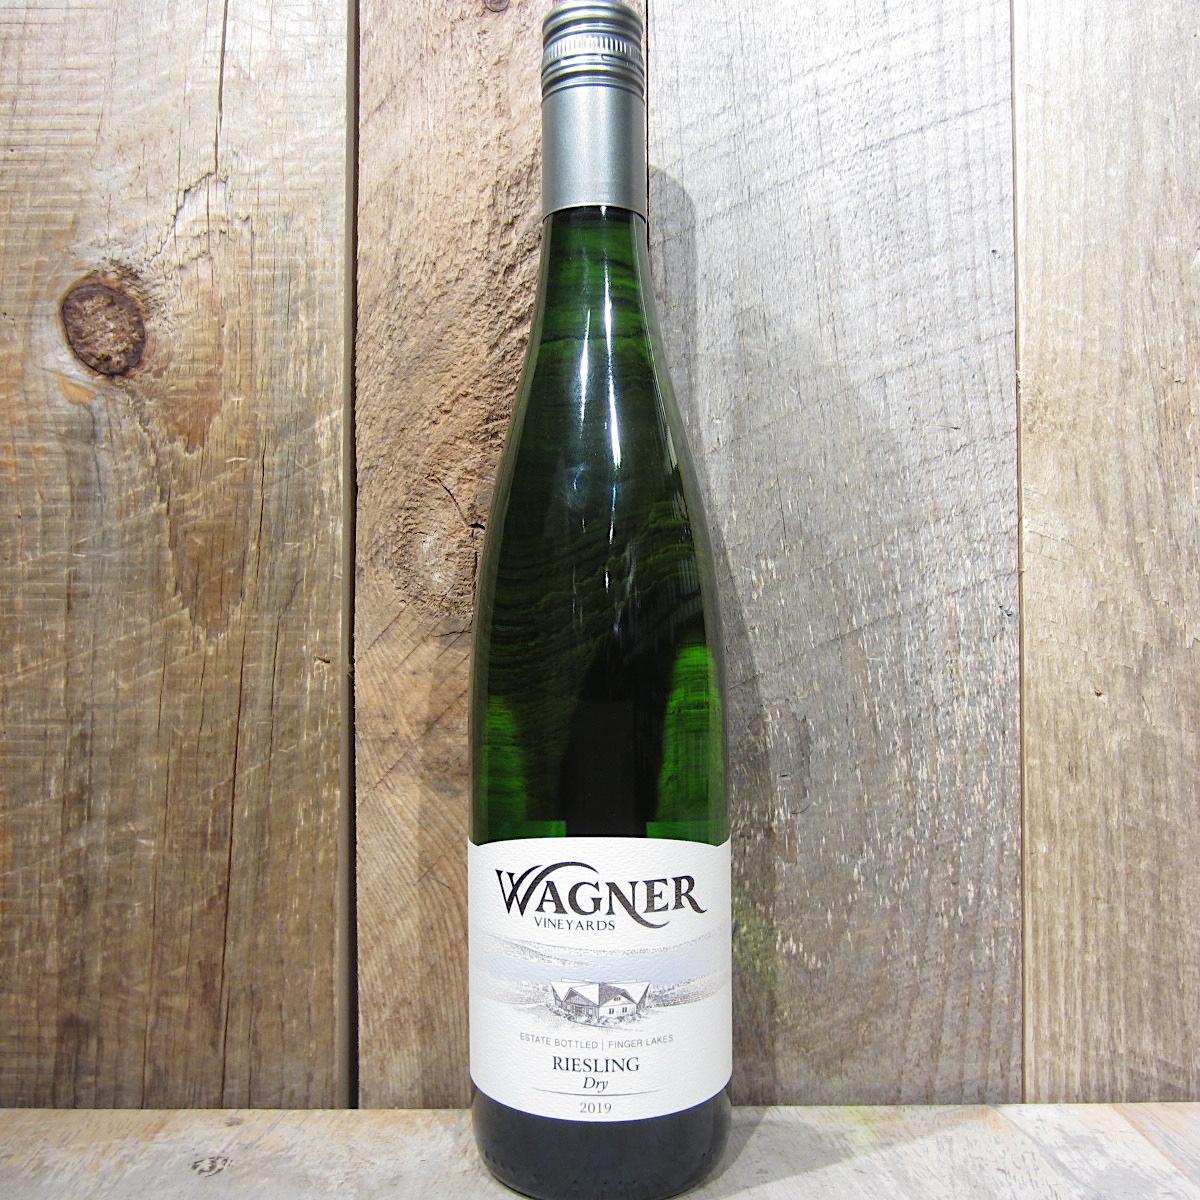 Wagner Vineyards Dry Riesling 750ml